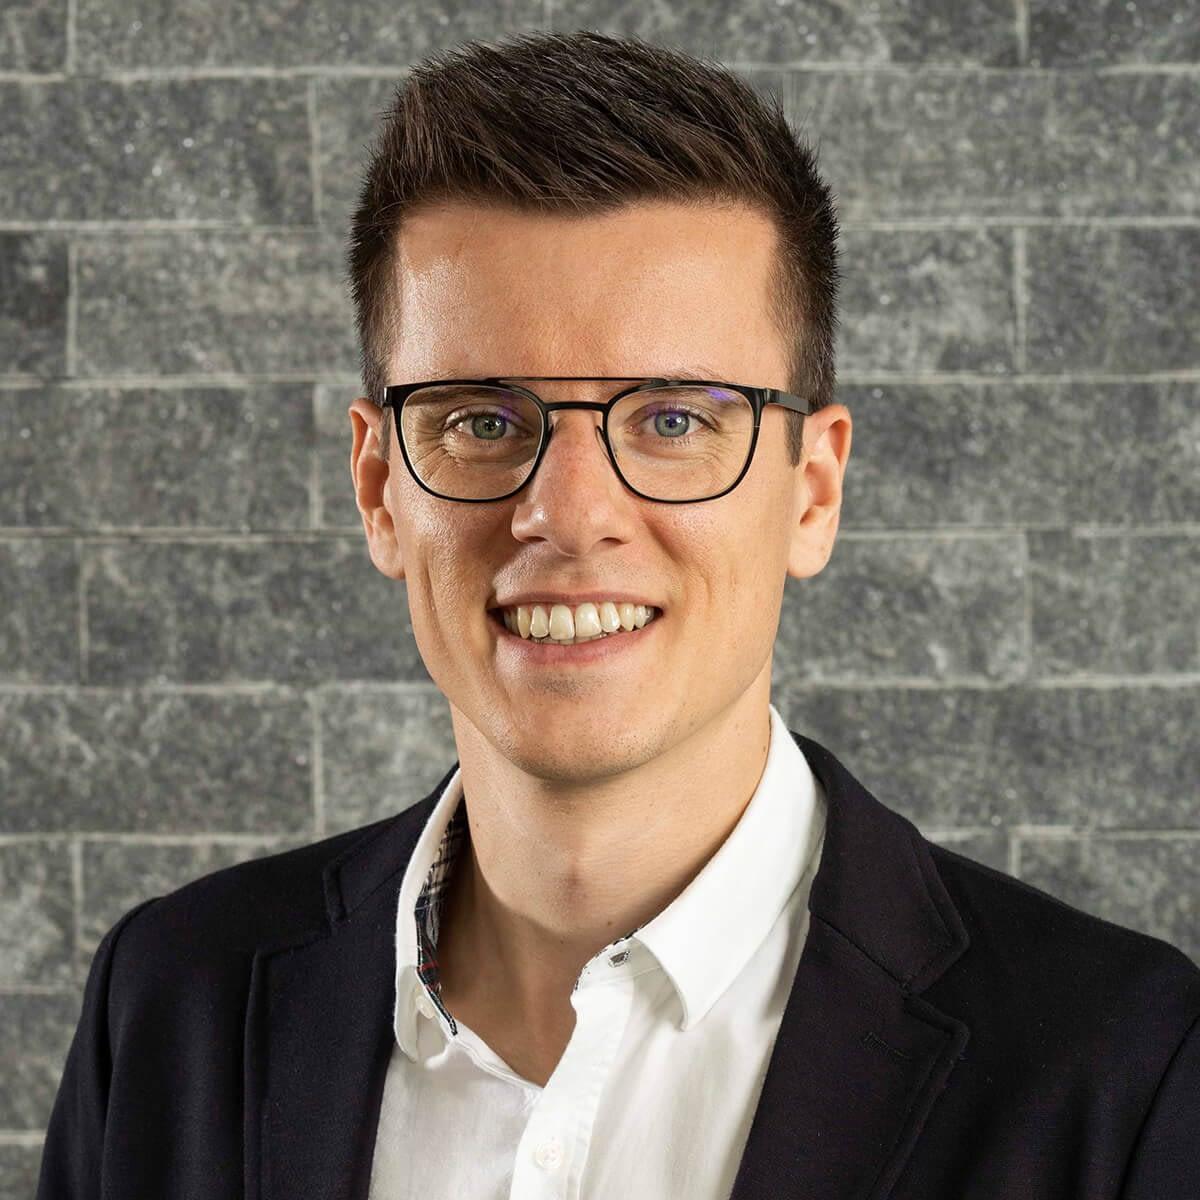 Florian Almosdörfer